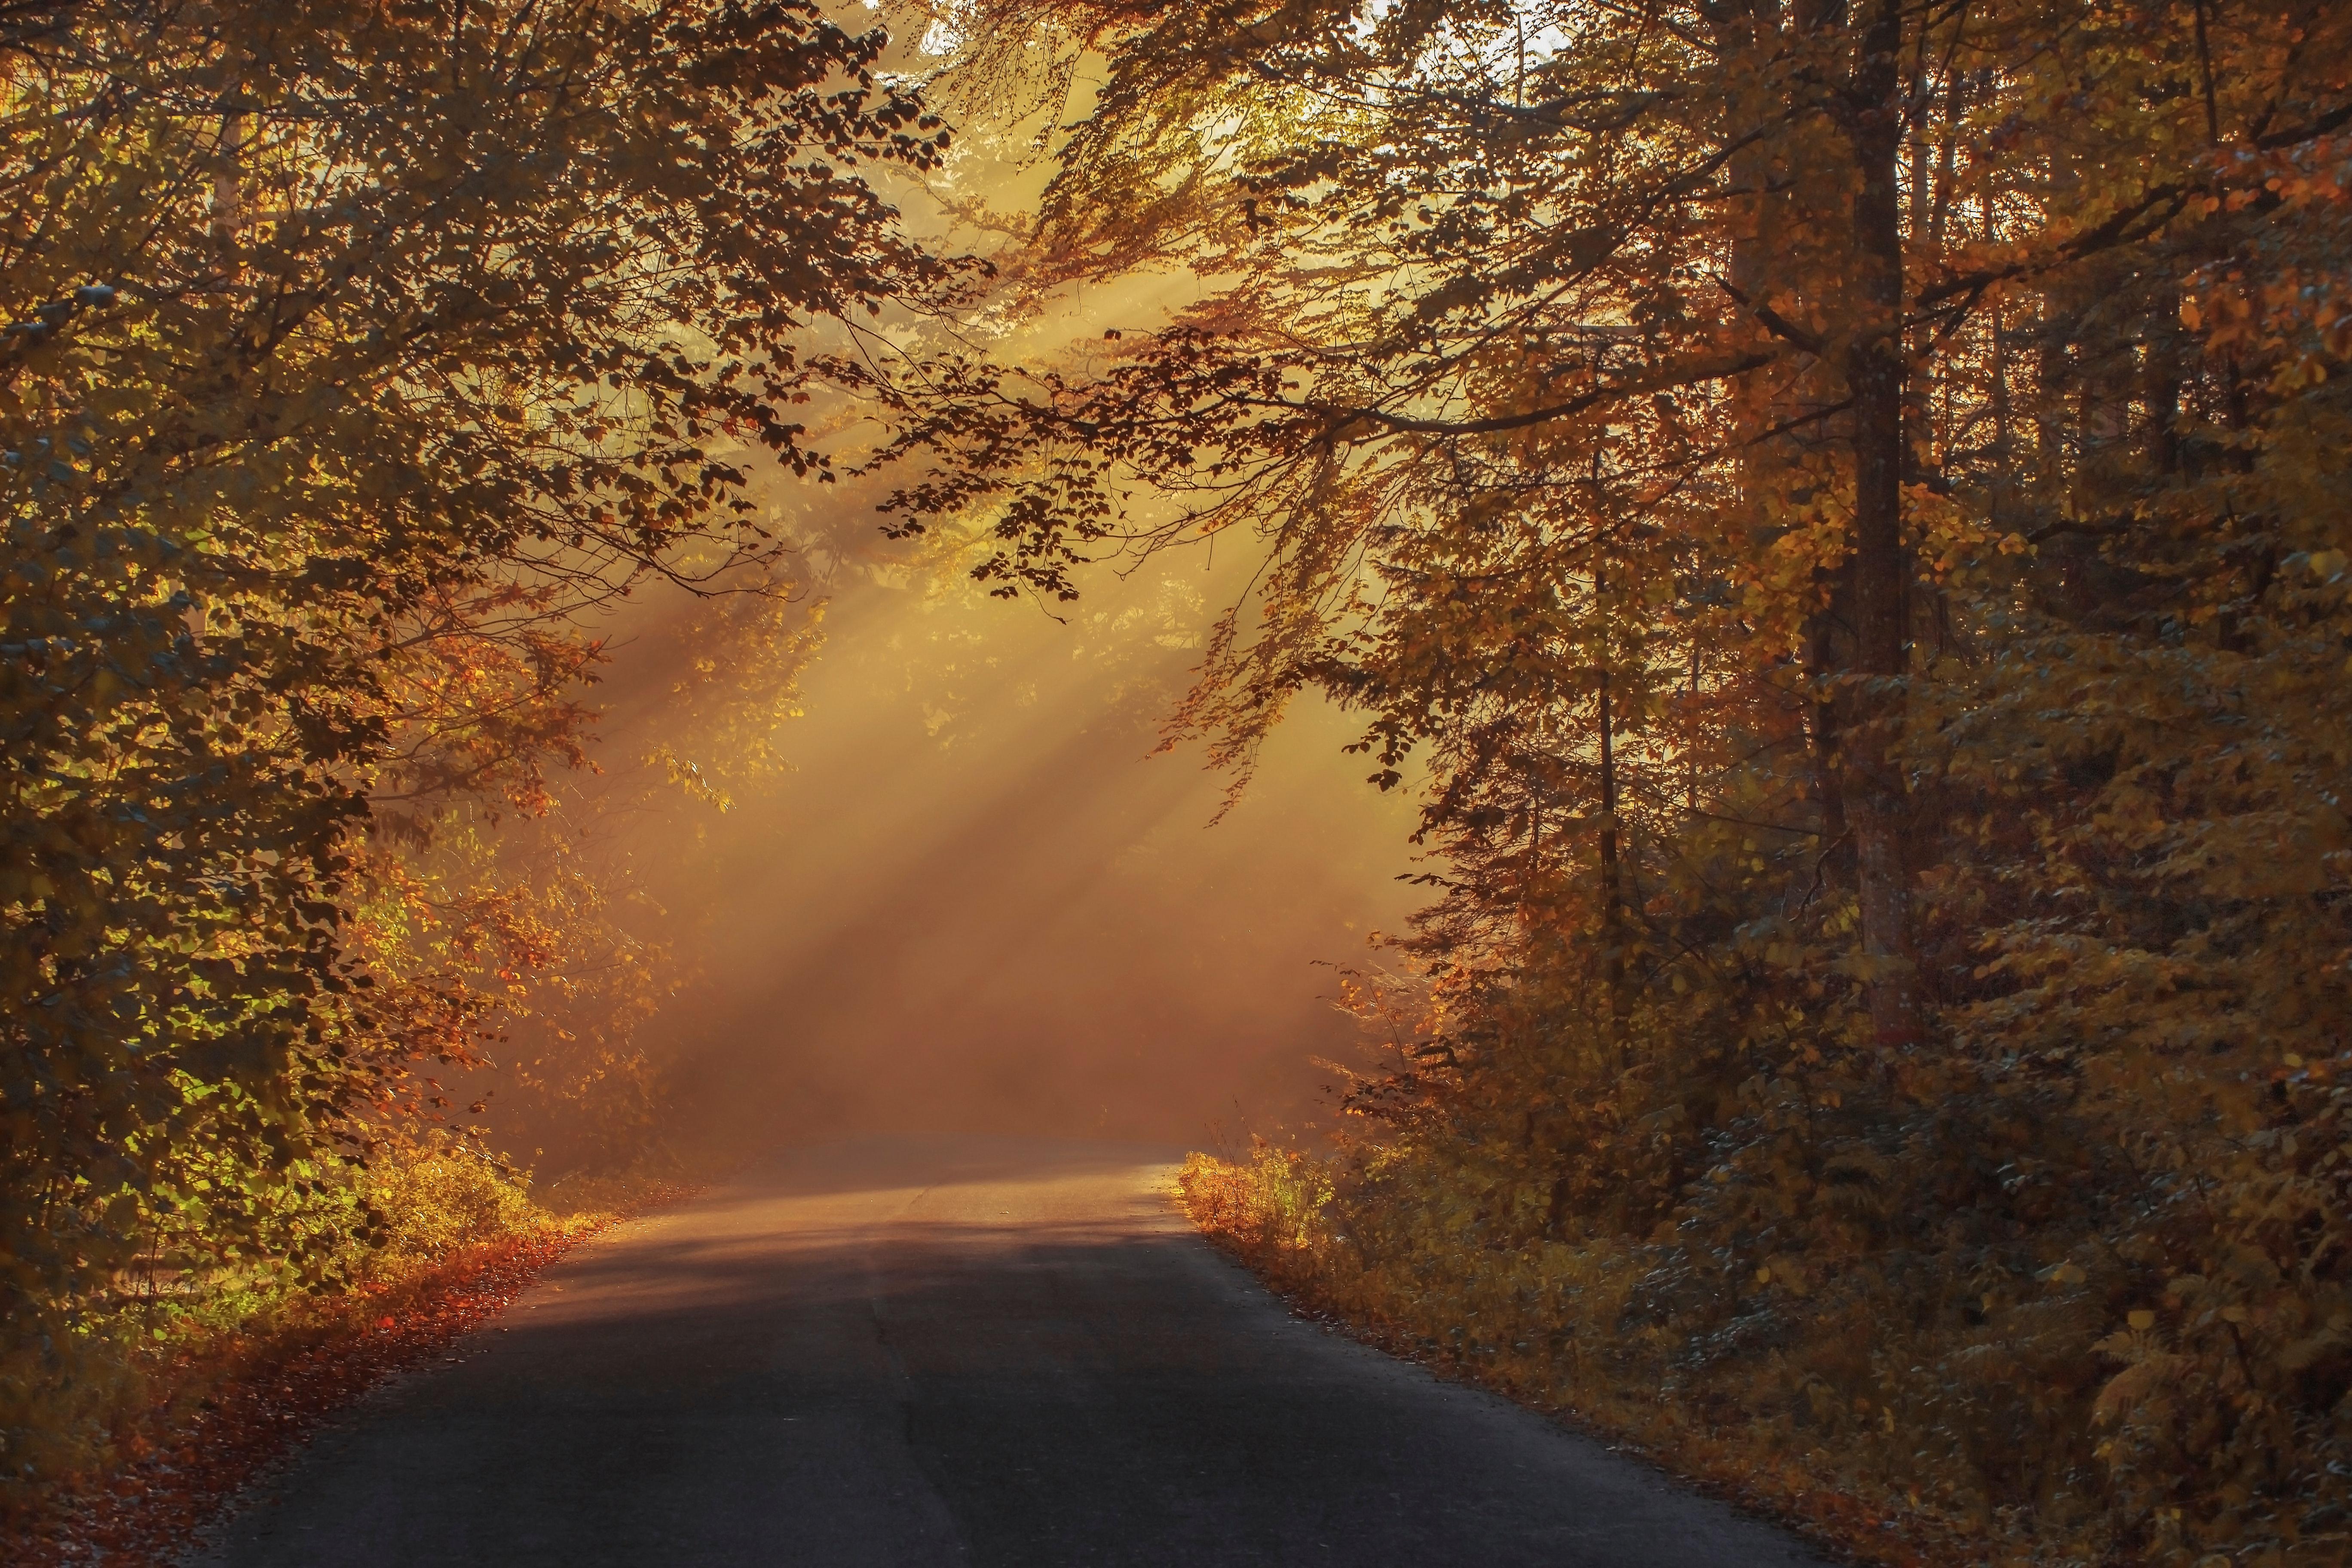 Gray asphalt road in between brown orange leaf trees during daytime photo